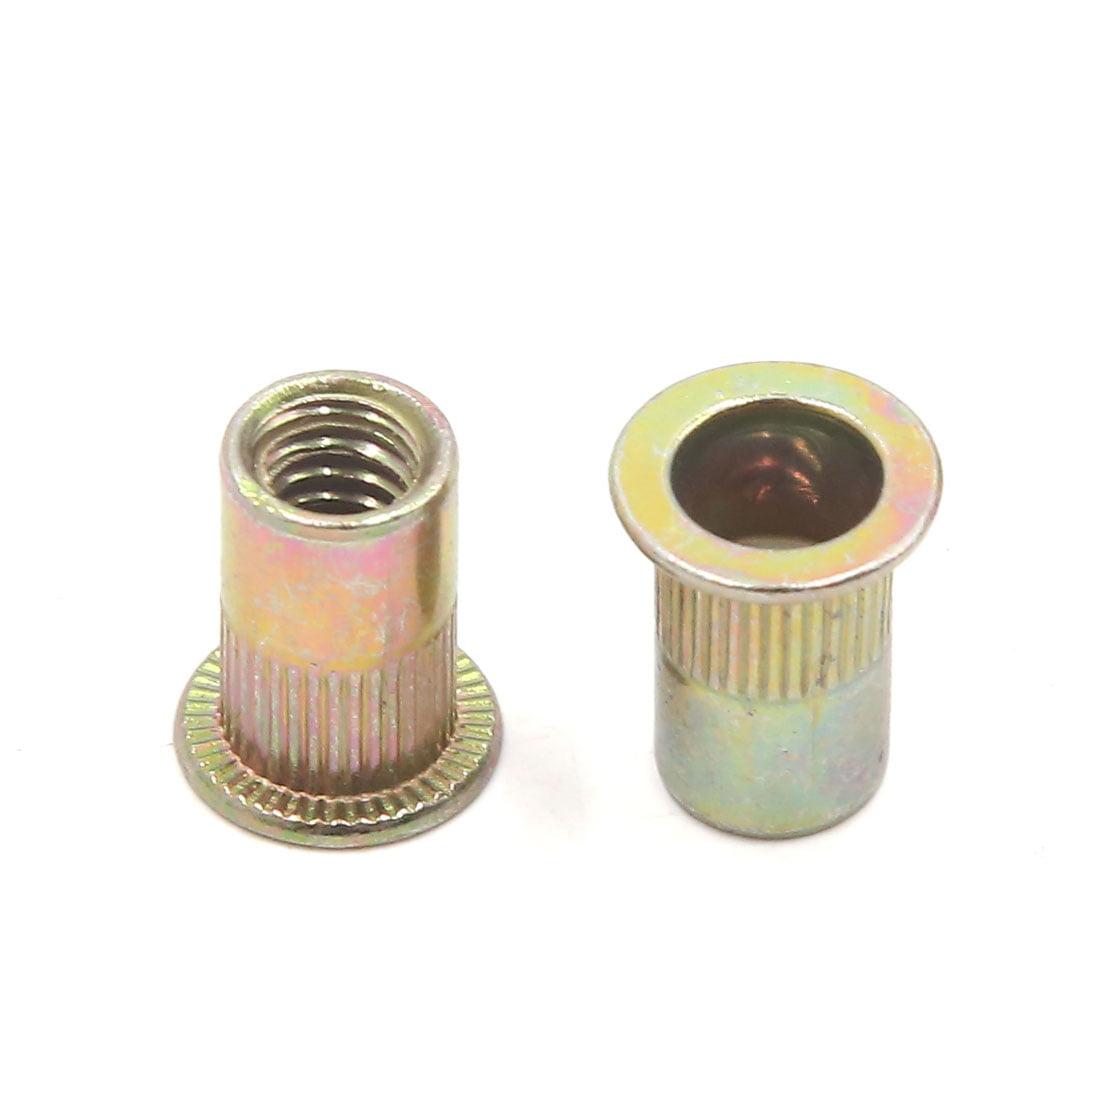 1//4-20 Zinc Plated Steel Rivet Flange Head Nut Flat Head Threaded Rivnut